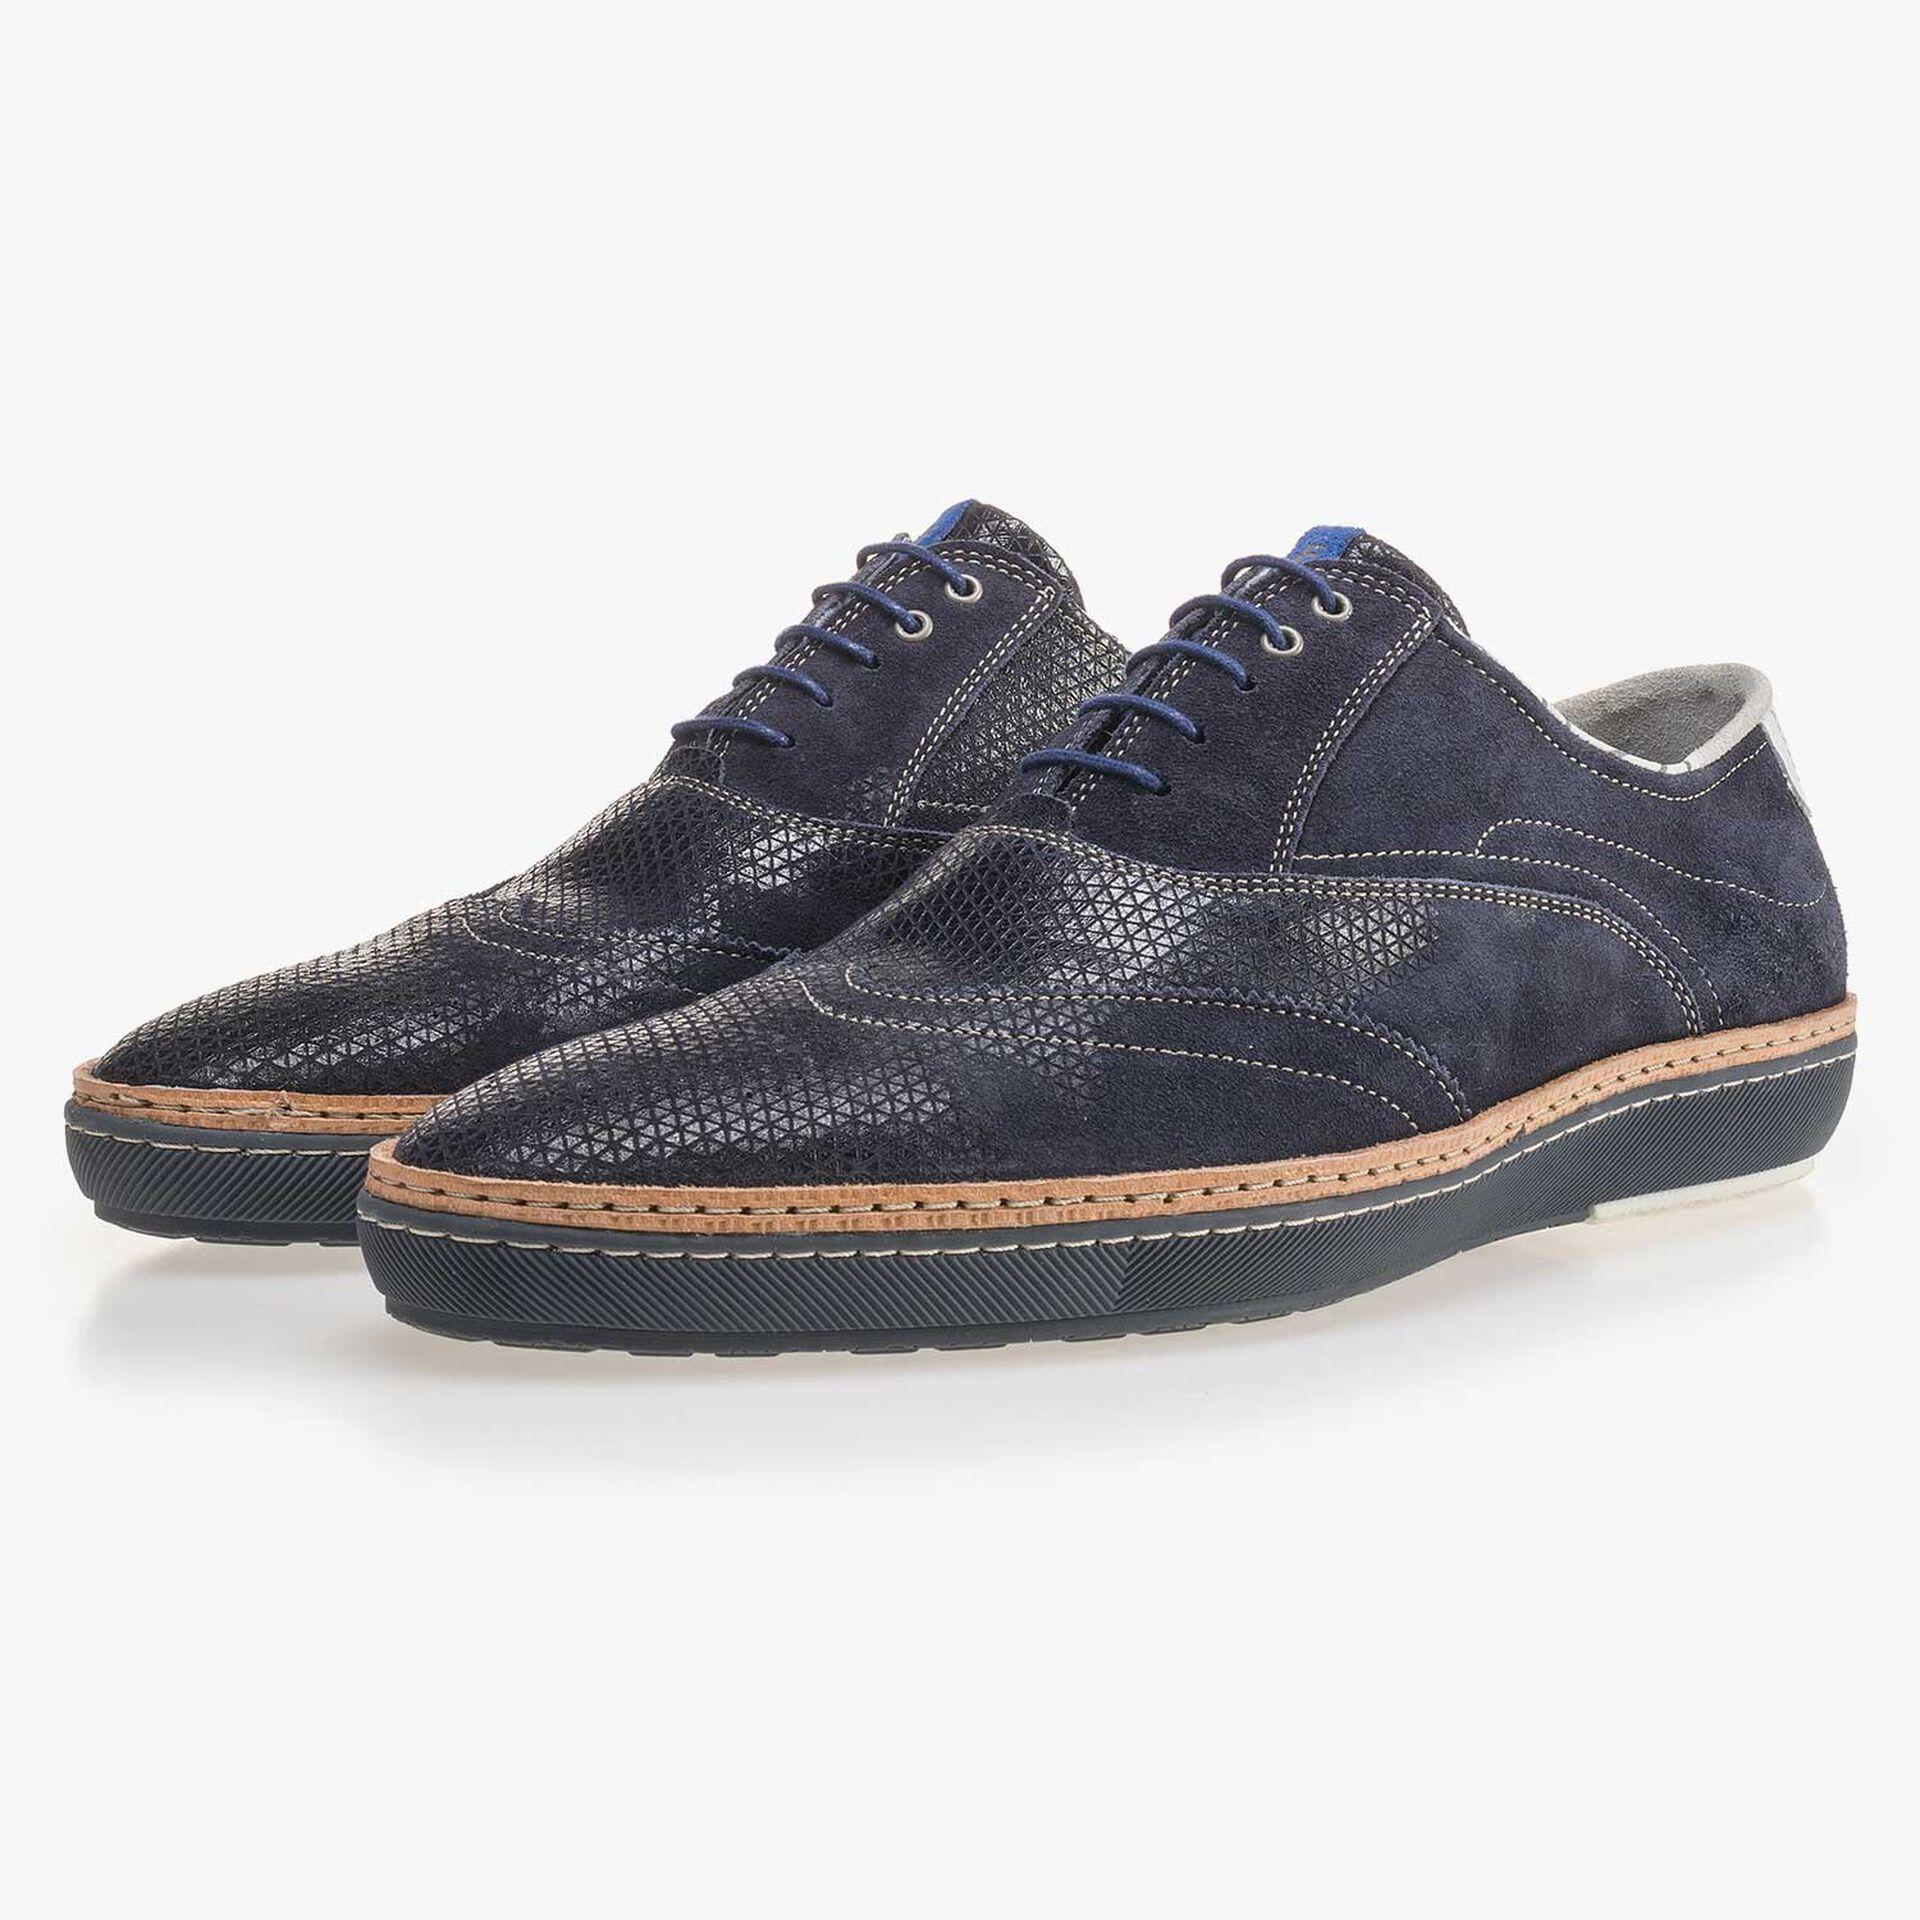 Donkerblauwe suède brogue sneaker